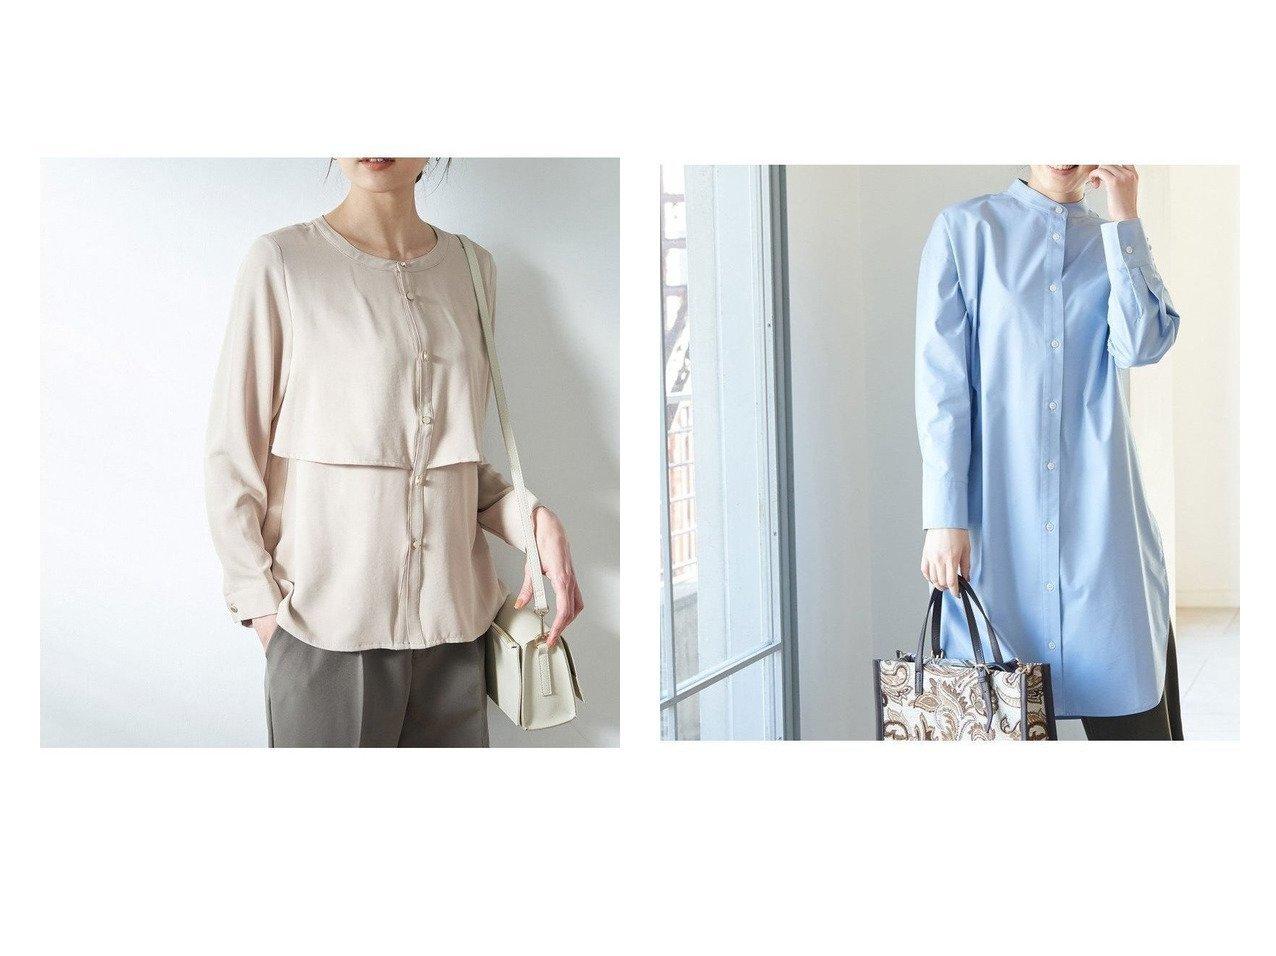 【ROPE' PICNIC/ロペピクニック】の【TRUE COTTON】テンセルシャツチュニック&ラッフル前あきブラウス ロペピクニックのおすすめ!人気、トレンド・レディースファッションの通販 おすすめで人気の流行・トレンド、ファッションの通販商品 メンズファッション・キッズファッション・インテリア・家具・レディースファッション・服の通販 founy(ファニー) https://founy.com/ ファッション Fashion レディースファッション WOMEN トップス カットソー Tops Tshirt シャツ/ブラウス Shirts Blouses コンパクト スタンド チュニック バランス ポケット モダン ワイド NEW・新作・新着・新入荷 New Arrivals ラッフル 春 Spring 秋 Autumn/Fall |ID:crp329100000021510